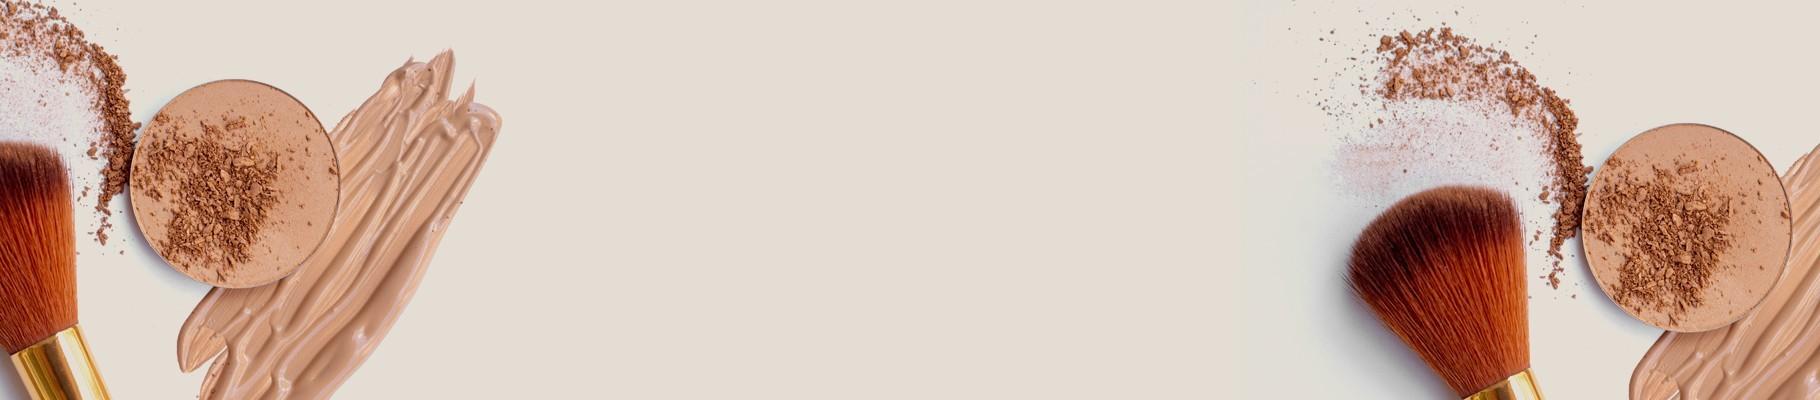 برايمر - قاعدة مكياج